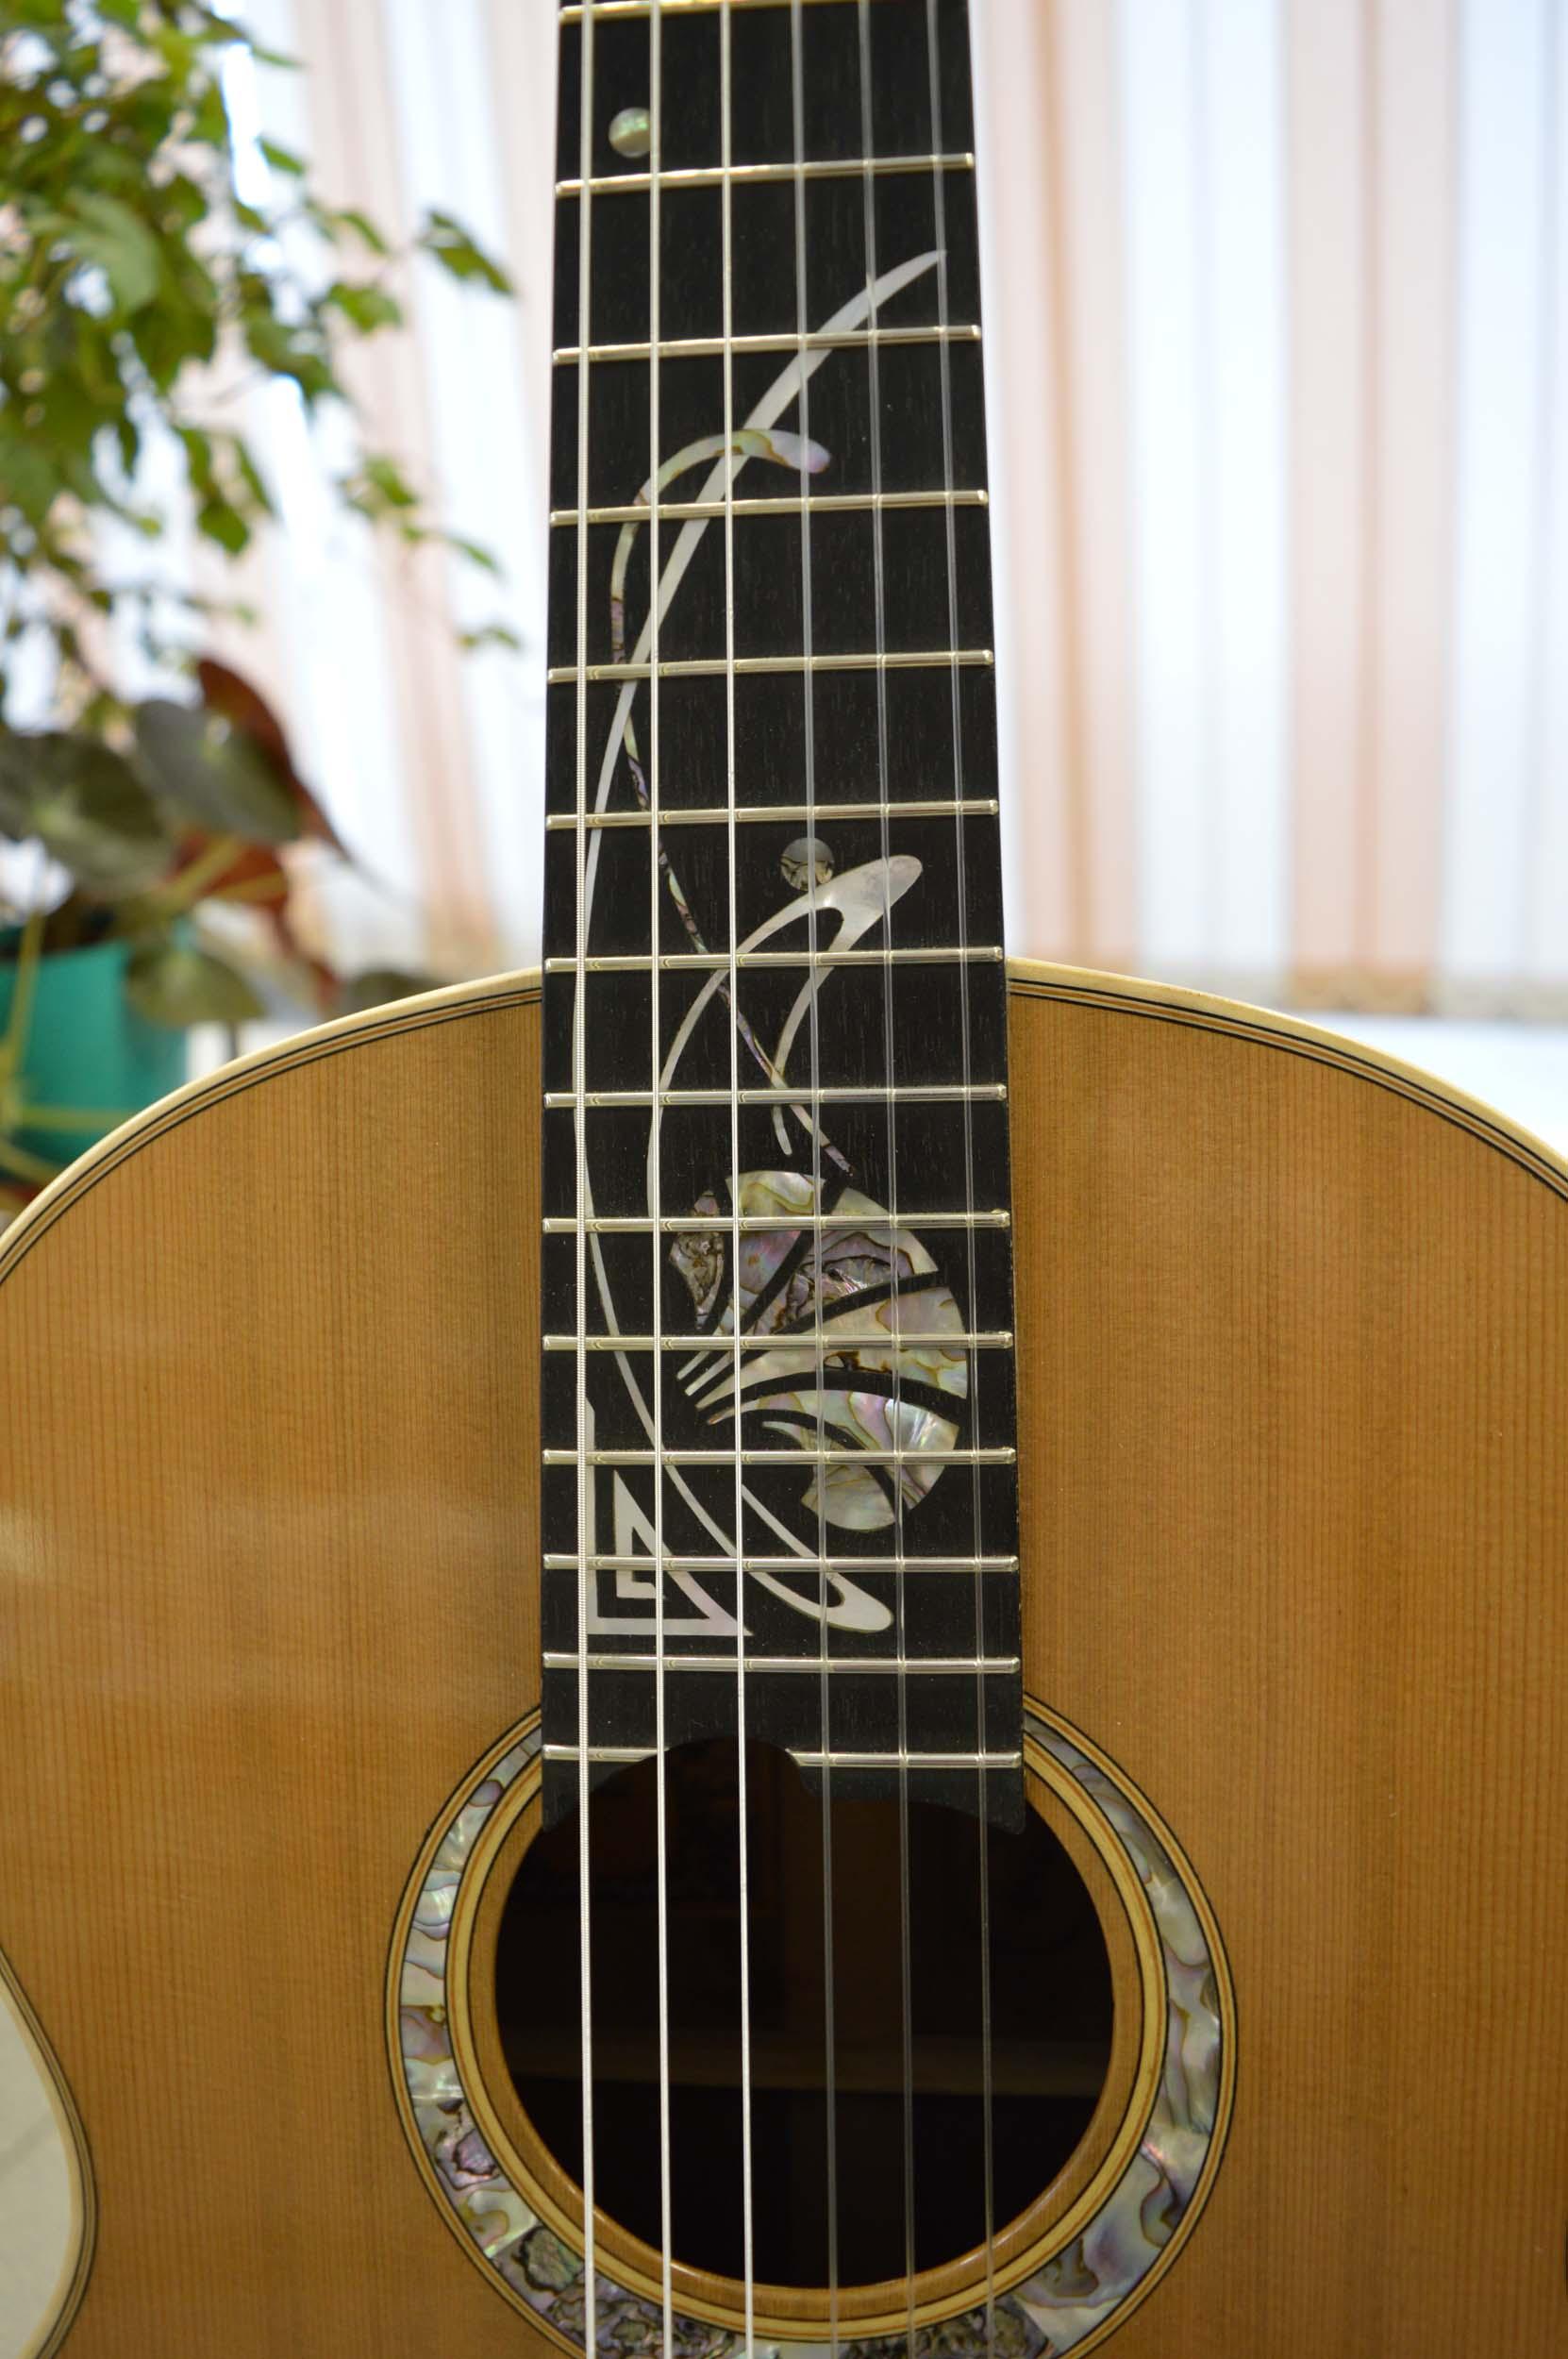 купить гитару во владимире